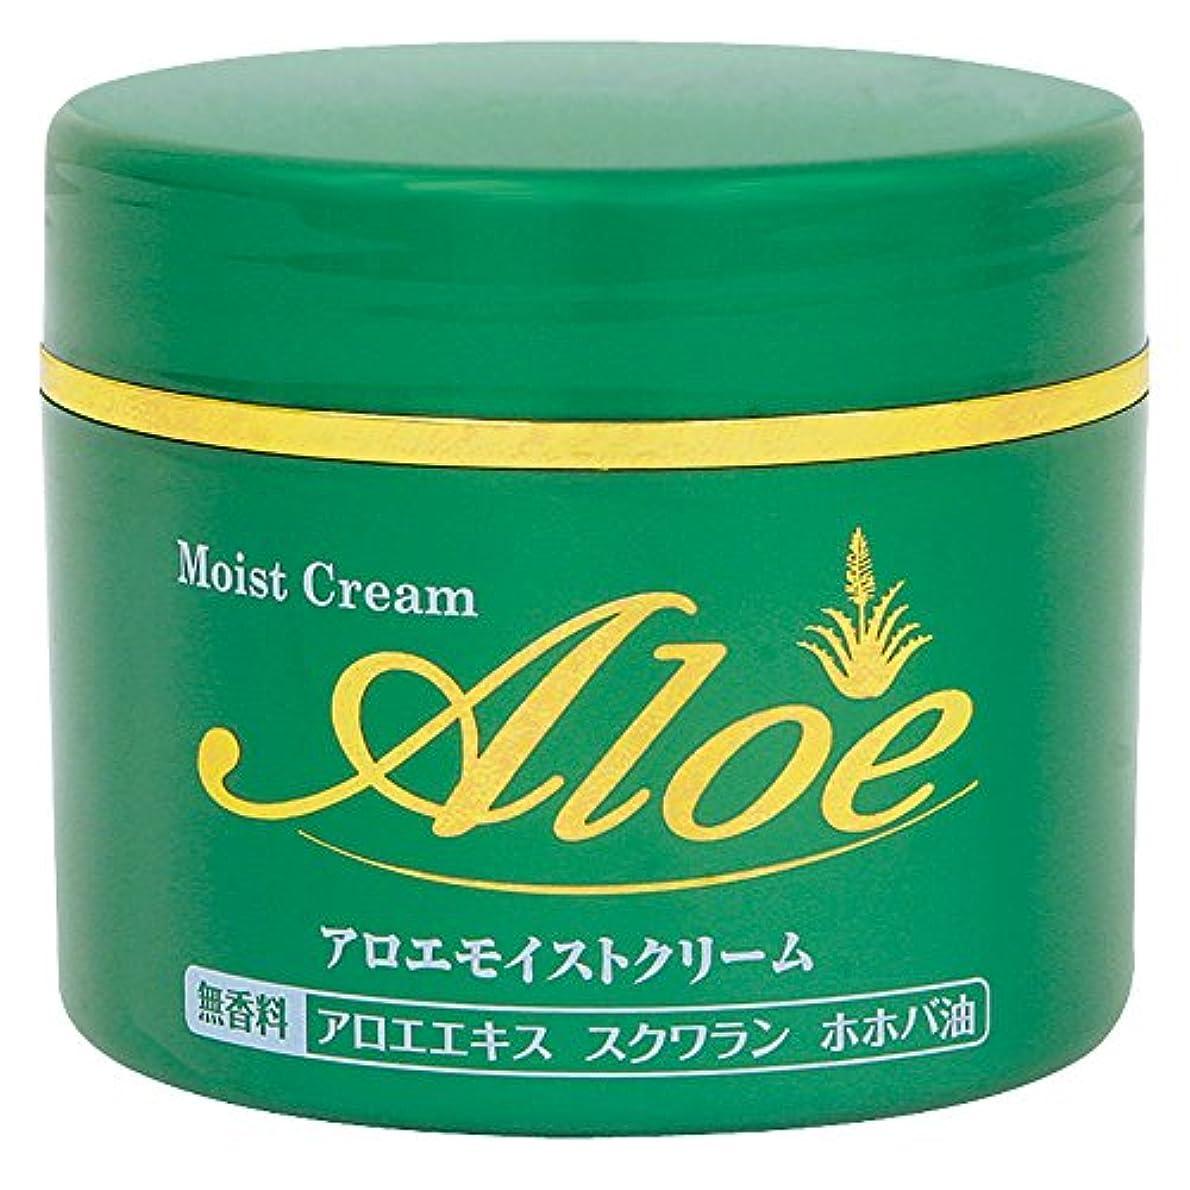 航空機なので象井藤漢方製薬 アロエモイストクリーム 160g (アロエクリーム 化粧品)